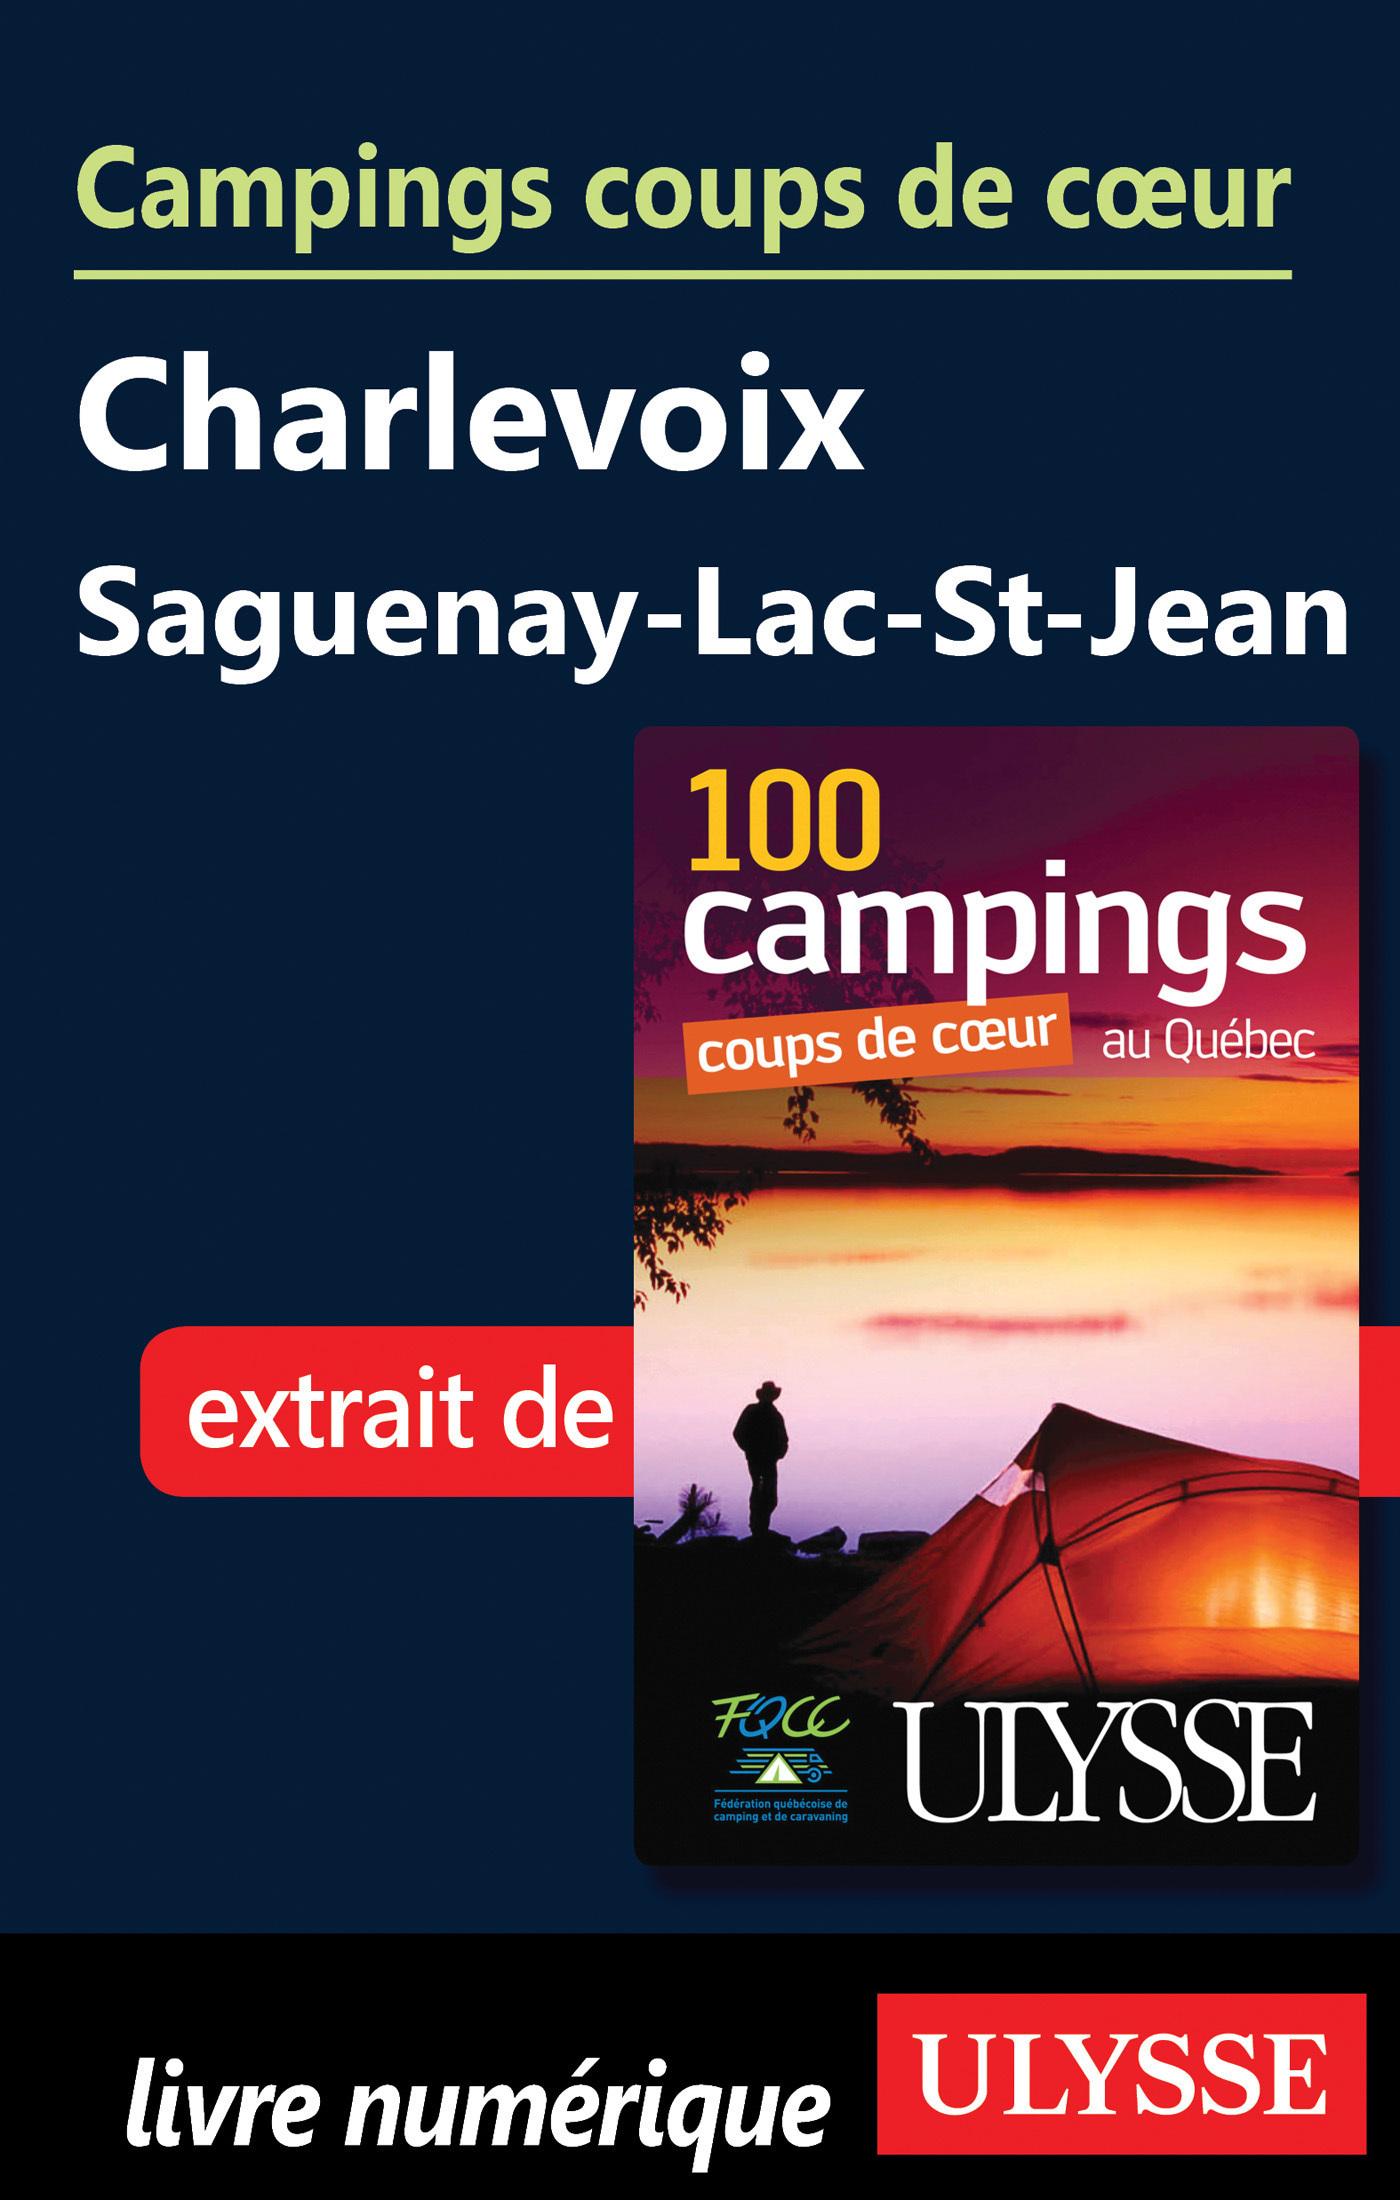 Campings coups de coeur - Charlevoix, Saguenay-lacSt-Jean